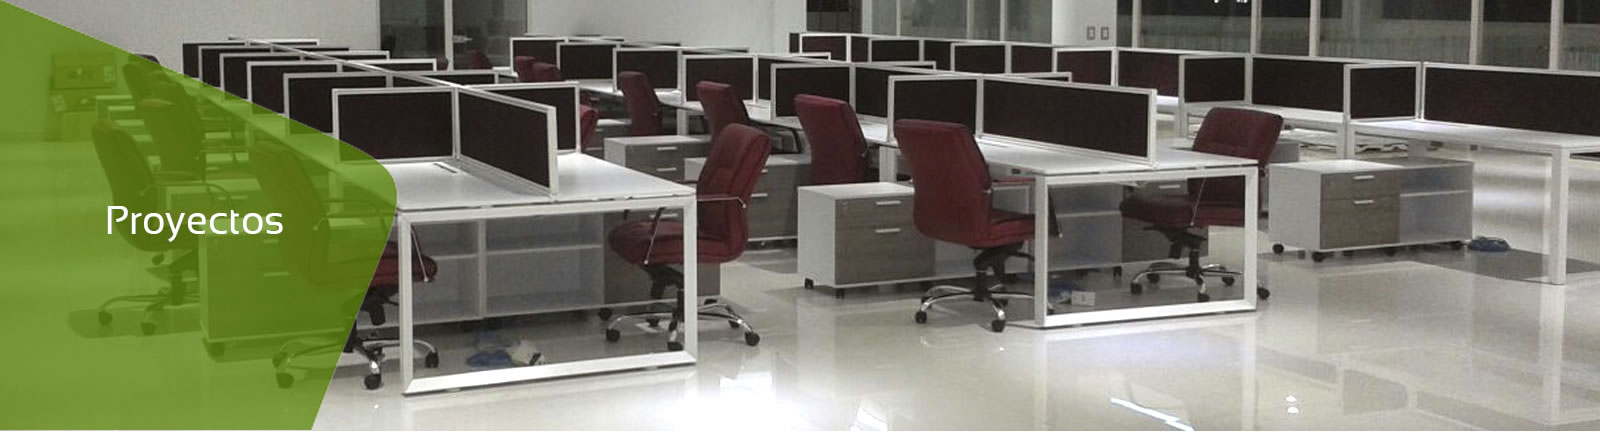 Muebles de oficina en quer tar ciudad de m xico df for Sillones ejecutivos para oficina